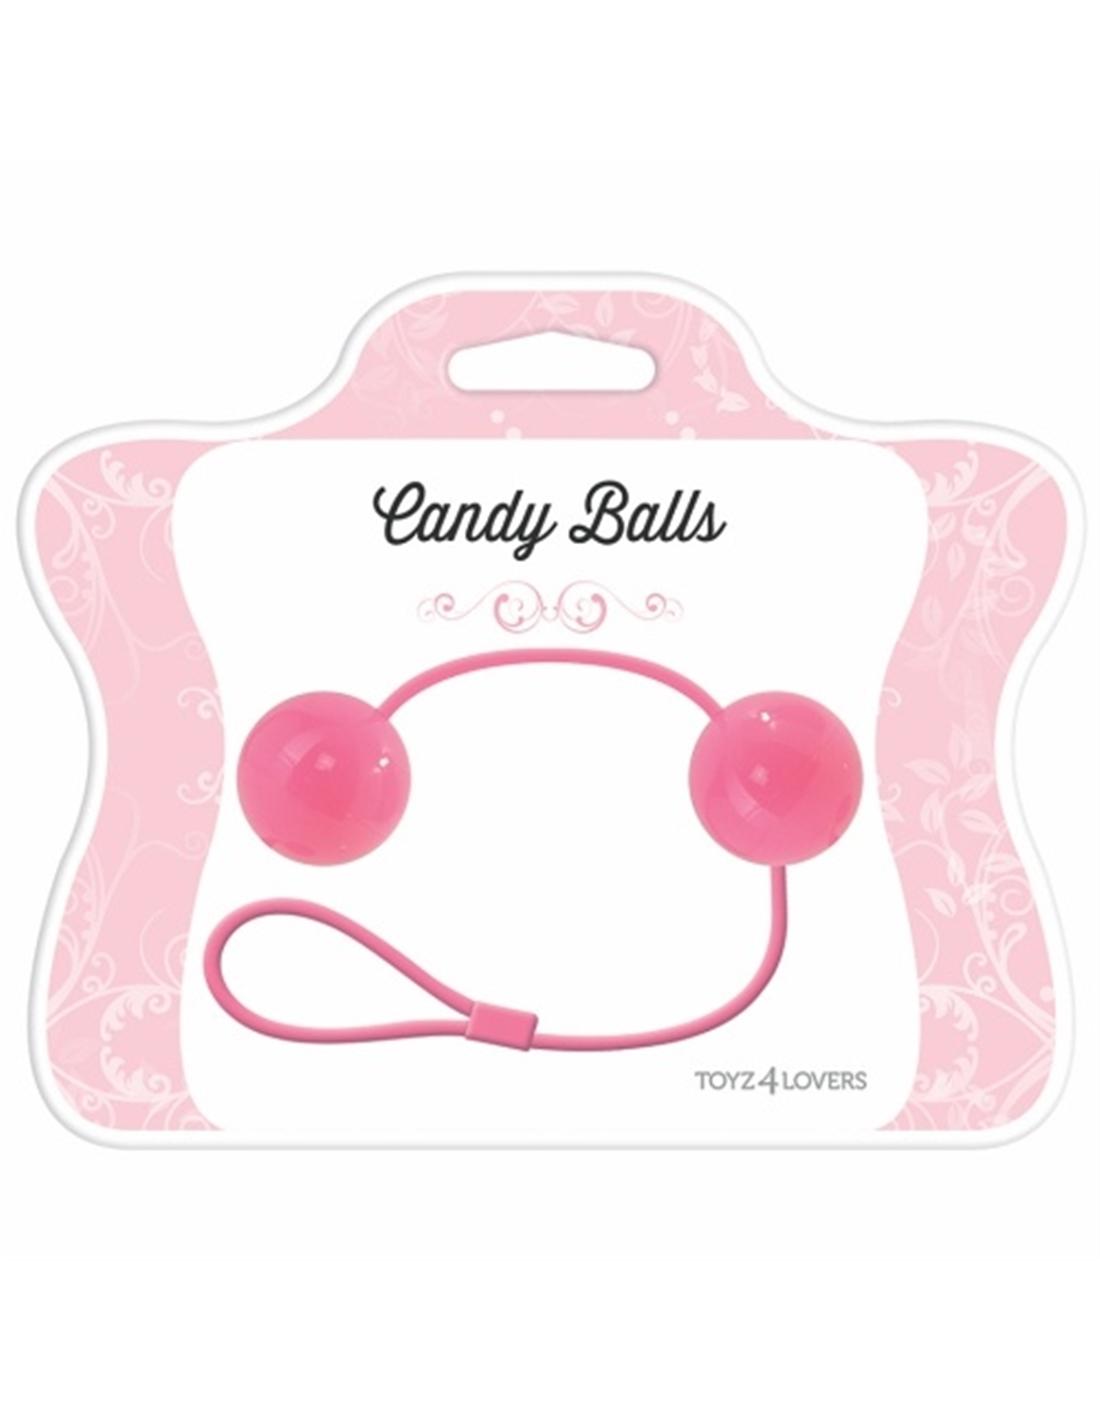 Bolas Vaginais Candy Balls Rosa - PR2010322204